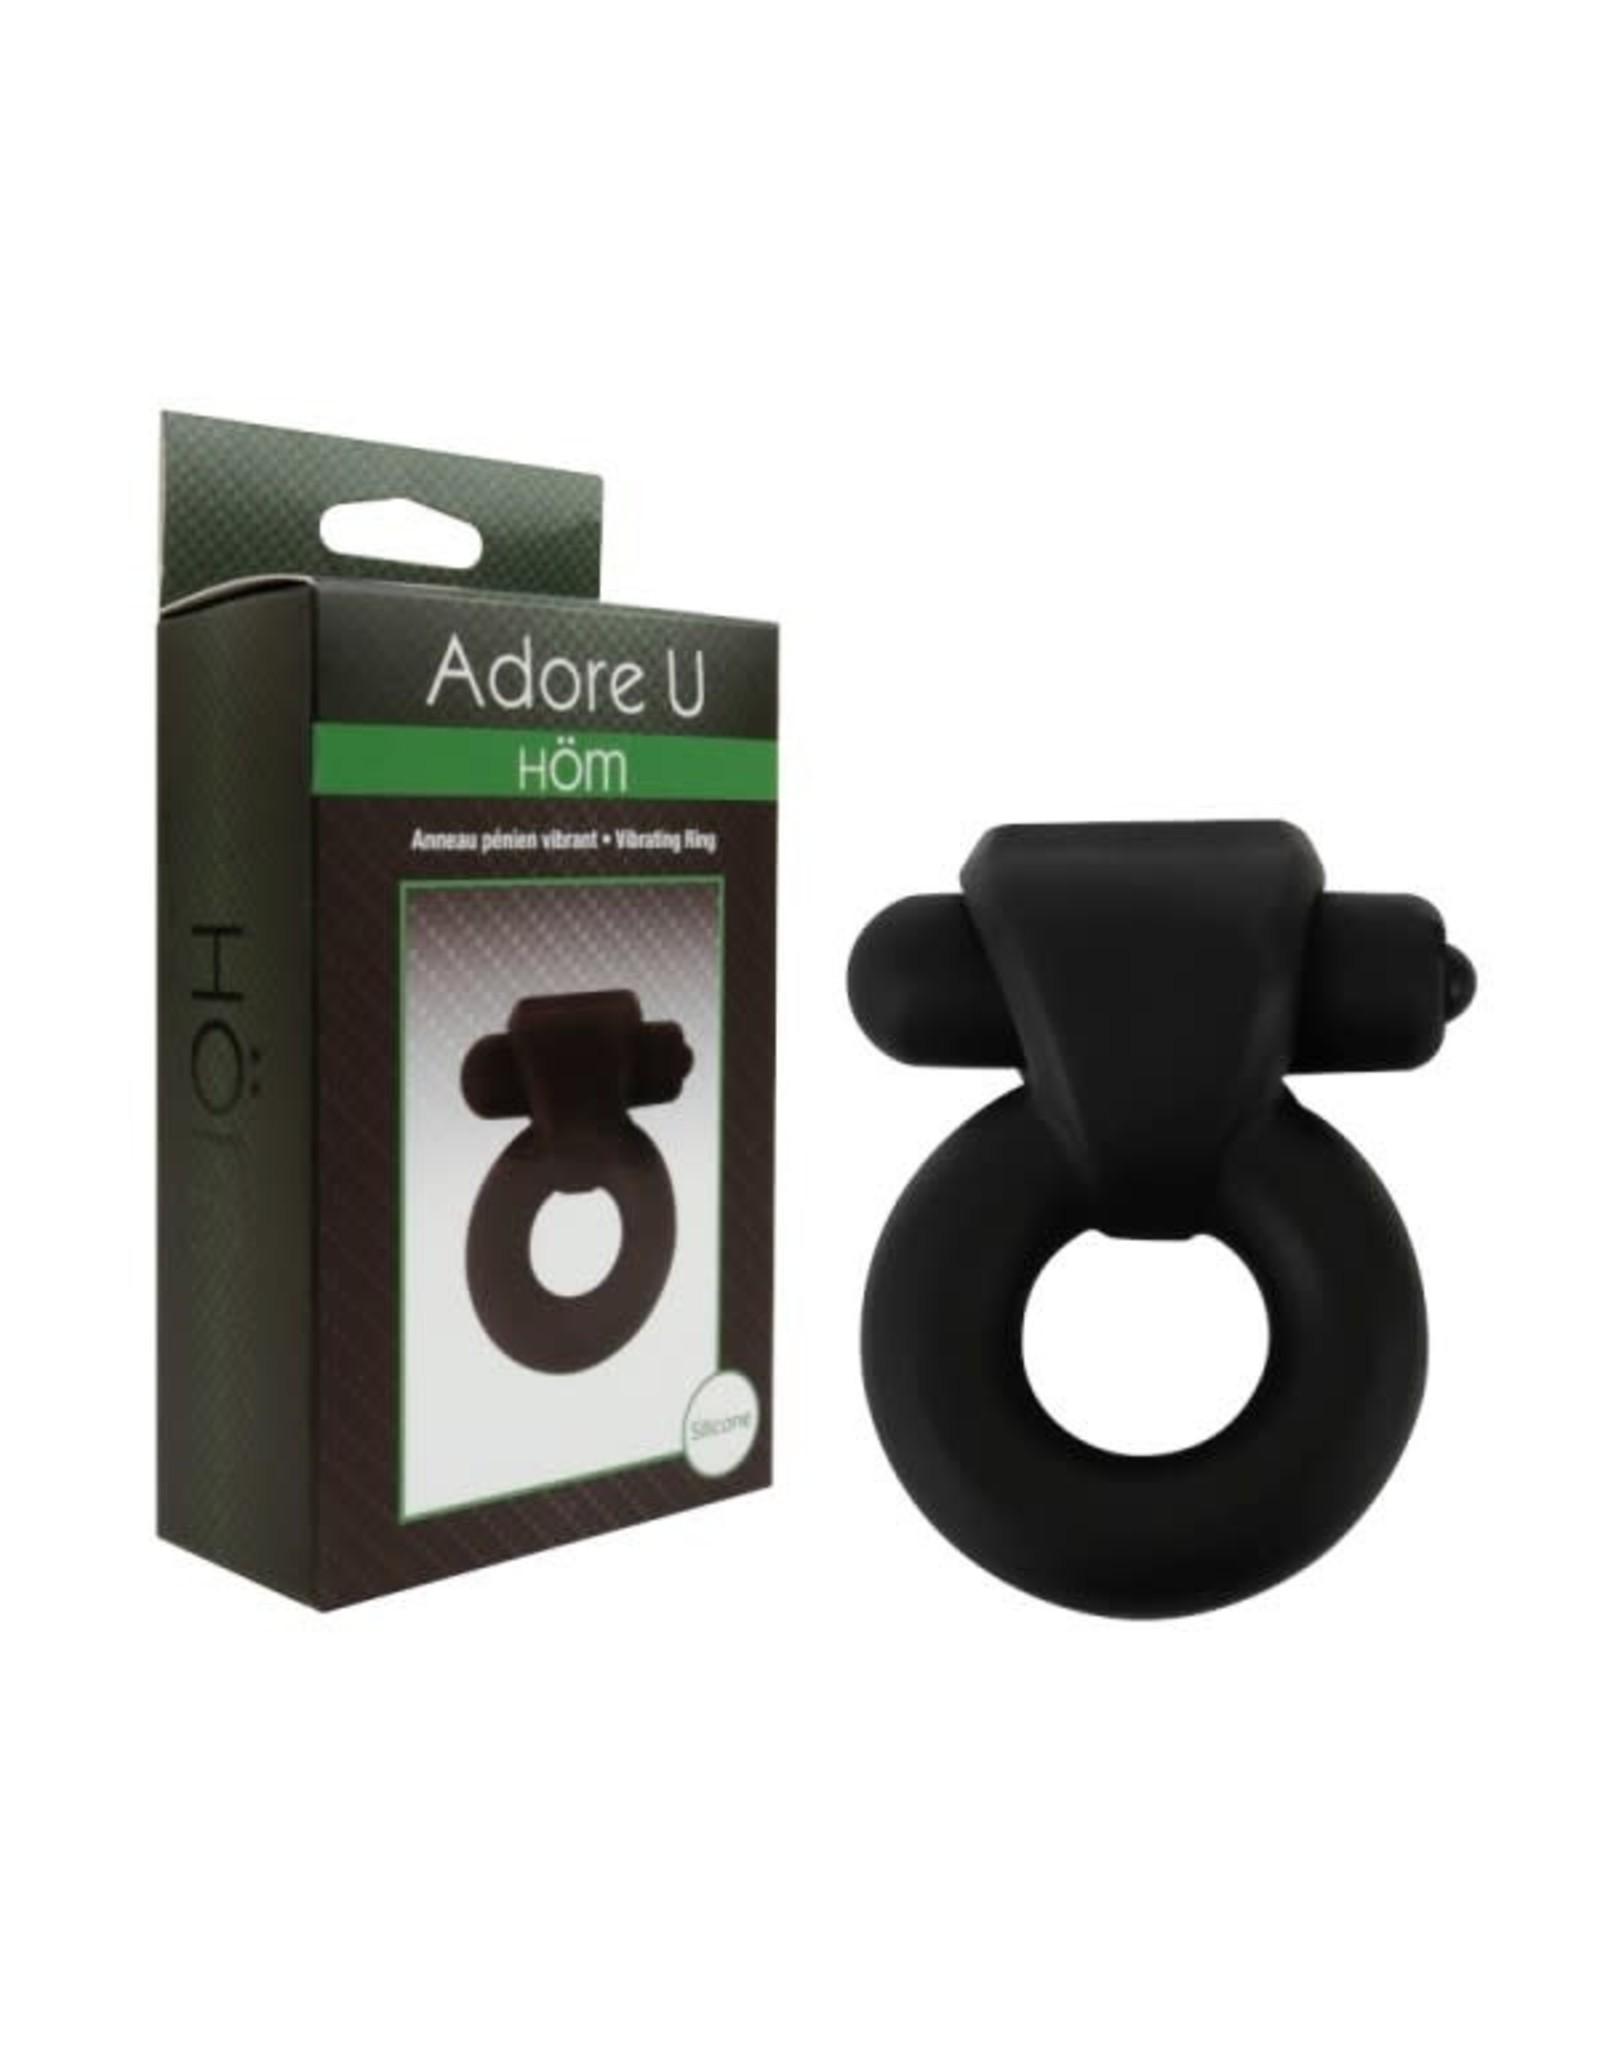 Adore U Adore U - Vibrating Ring